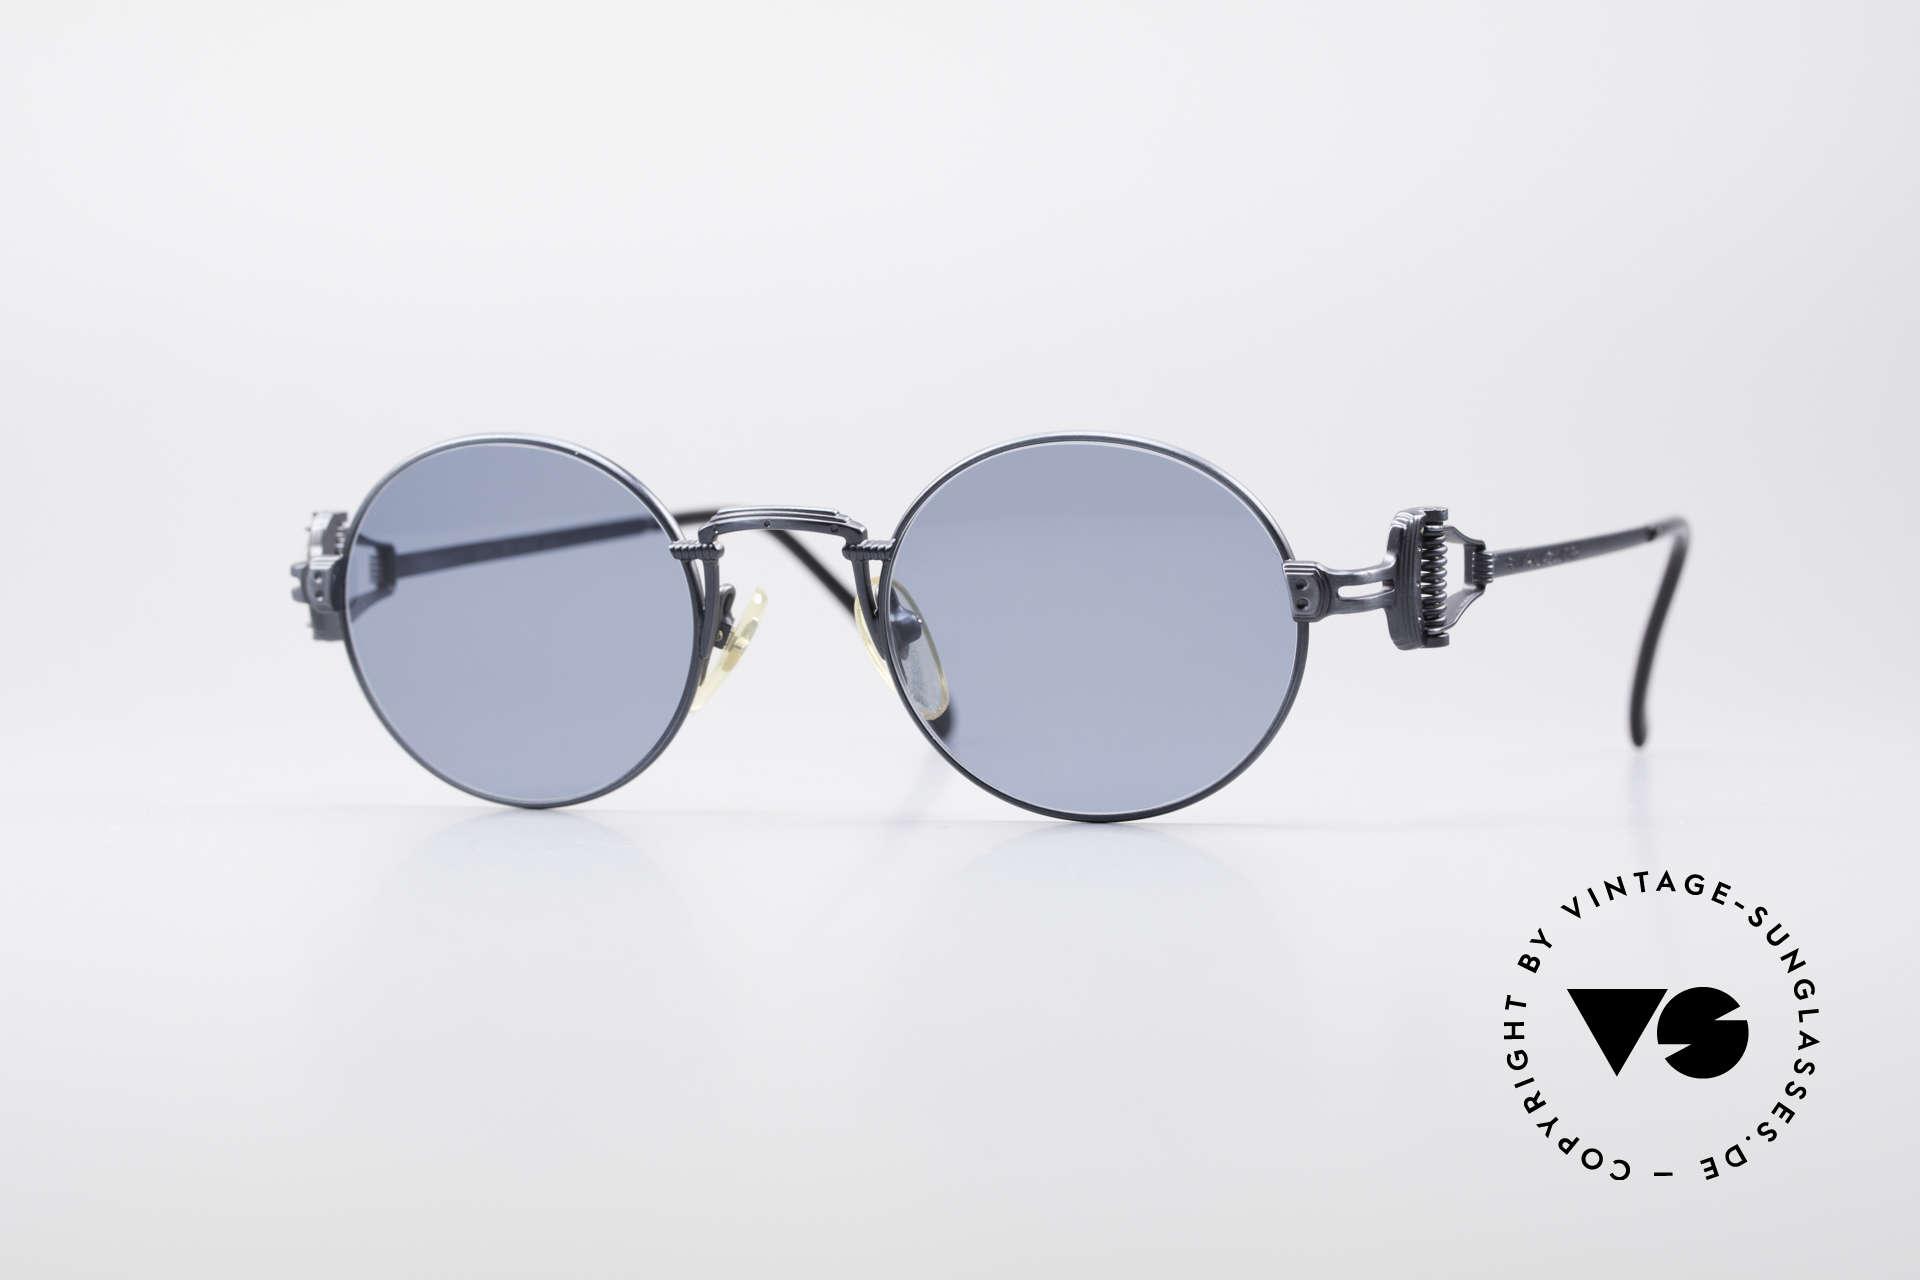 Jean Paul Gaultier 55-5106 Steampunk Vintage Brille JPG, kostbare Jean Paul Gaultier Sonnenbrille von ca. 1994, Passend für Herren und Damen